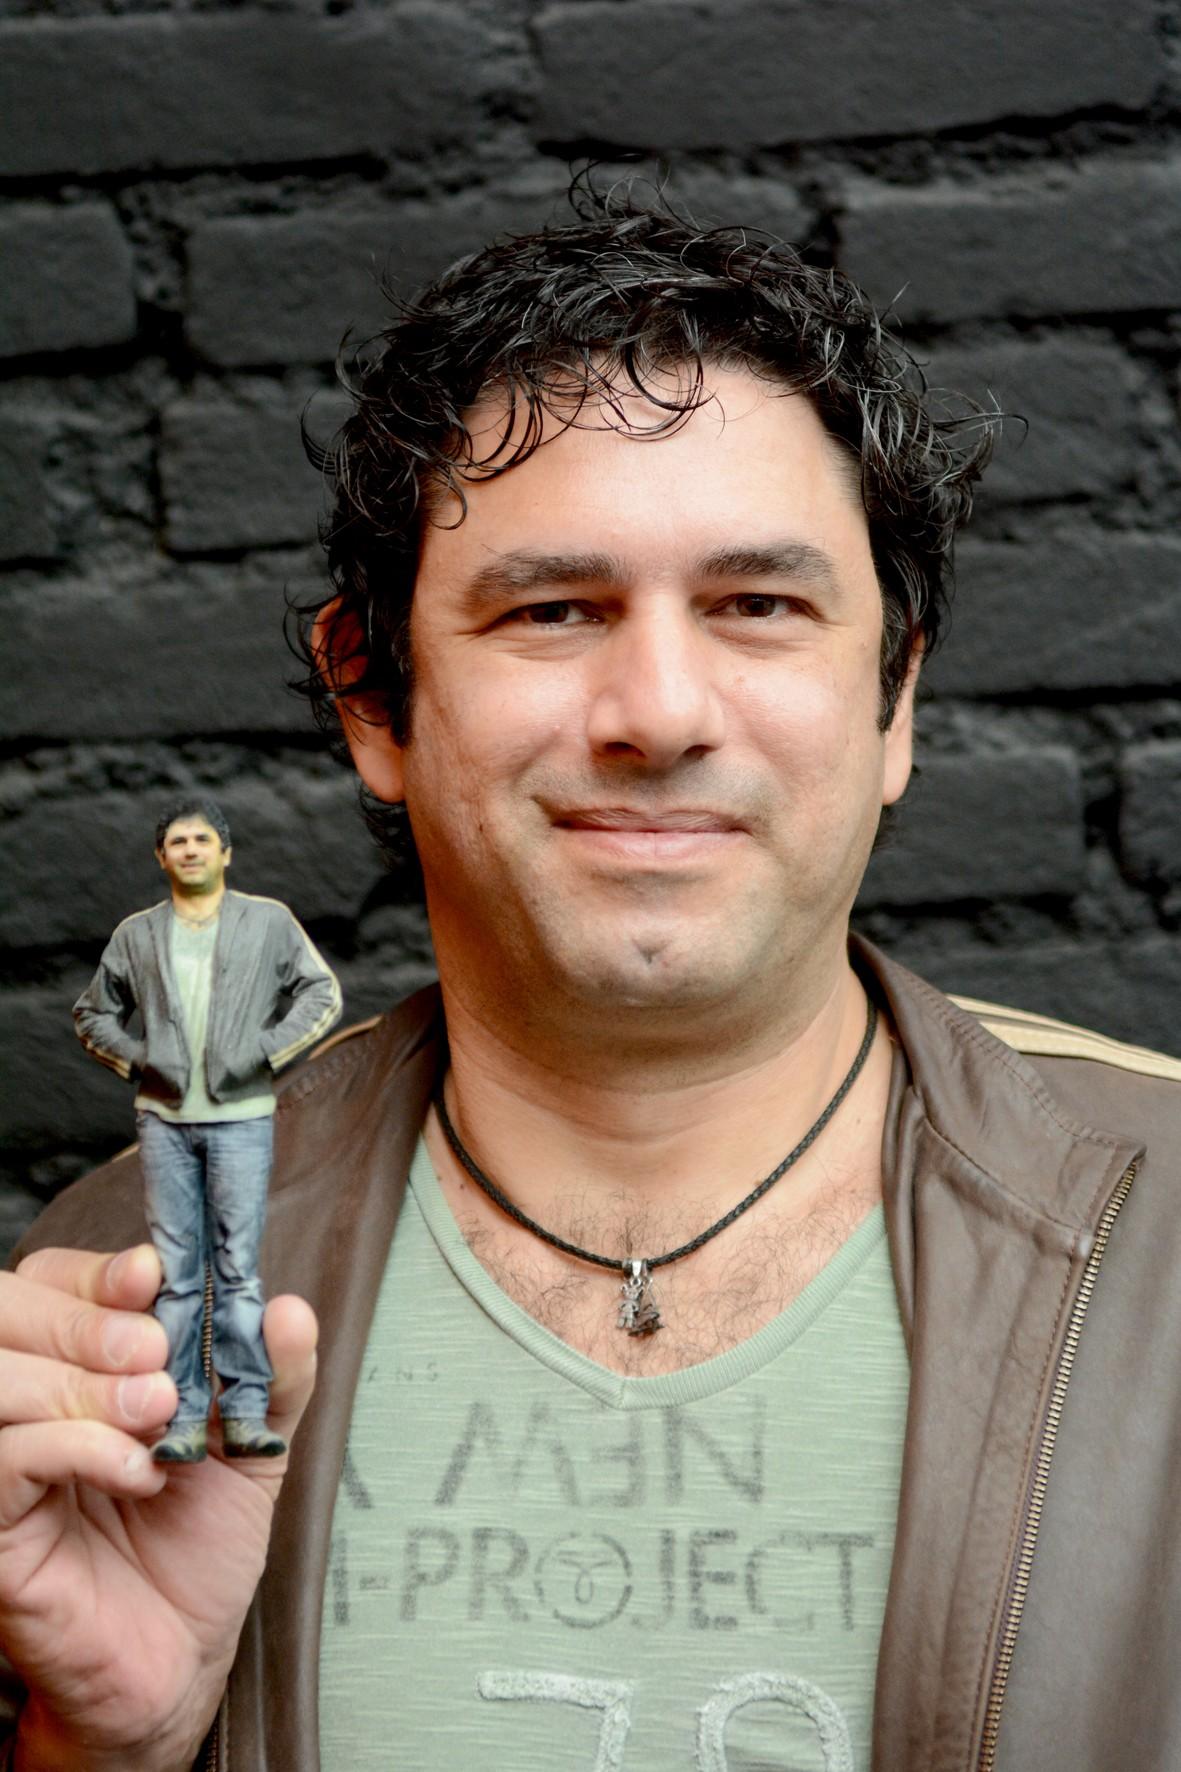 Bonecos tem cor original da imagem captada (Foto: Divulgação)